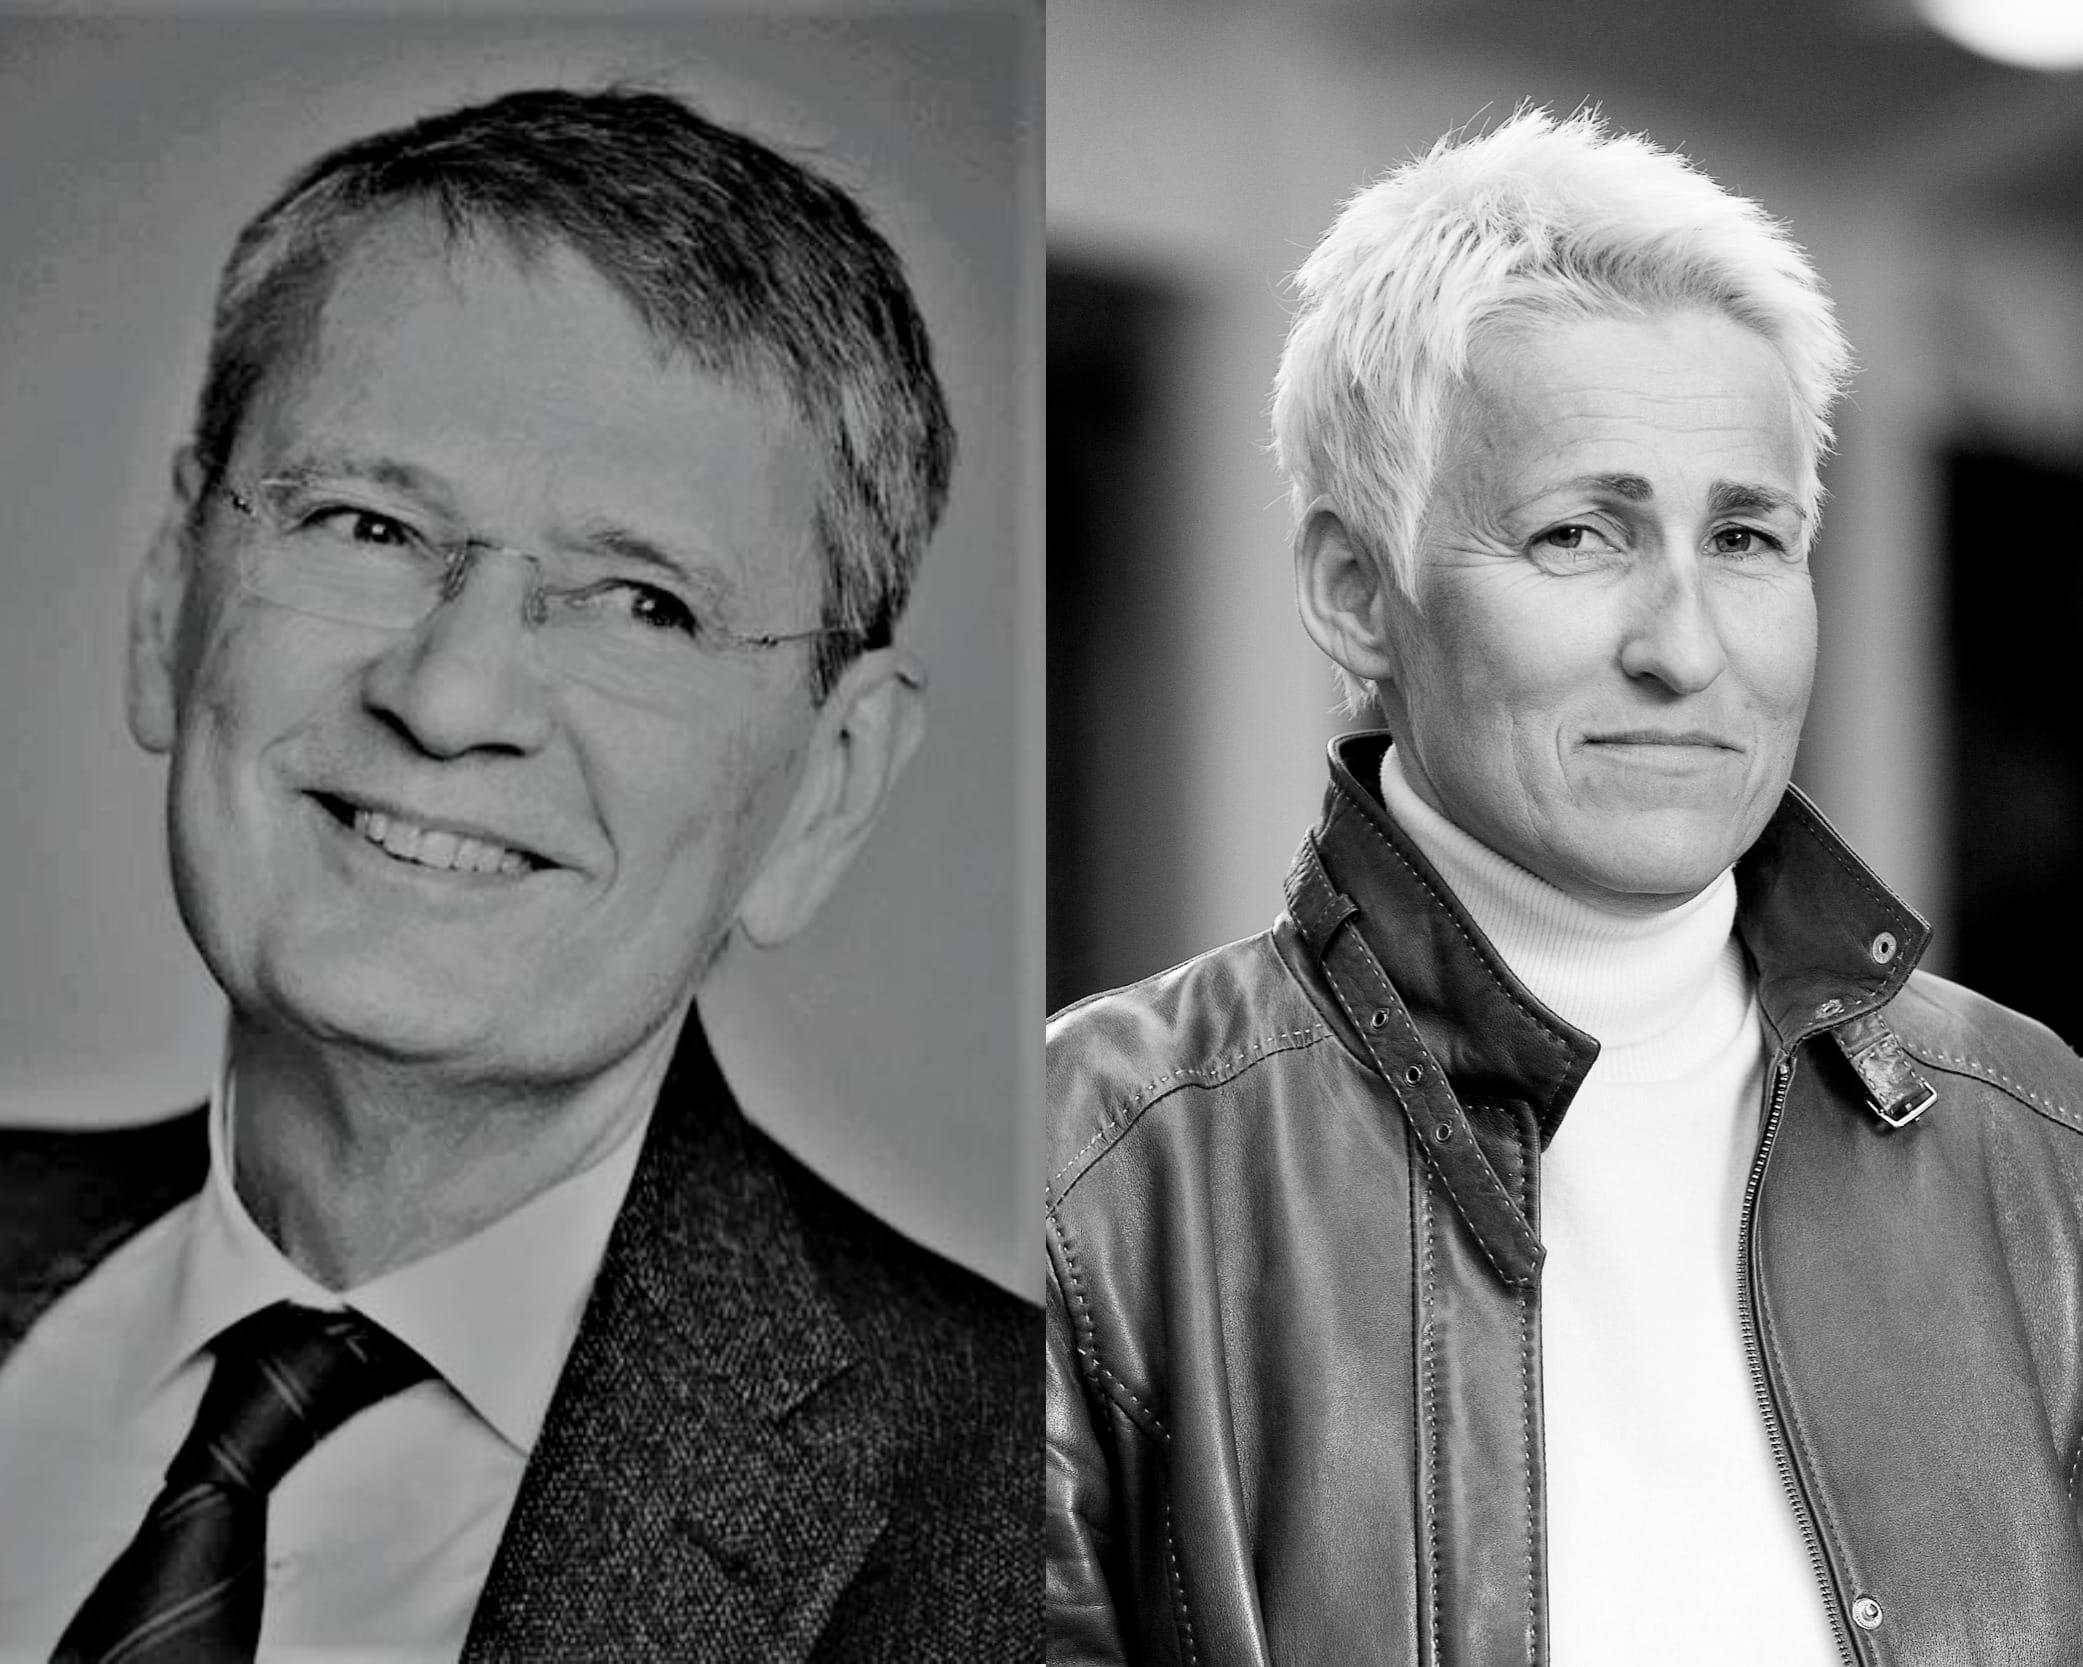 Bog om SMV-bestyrelsen: Bestyrelser er altafgørende for danske virksomheder